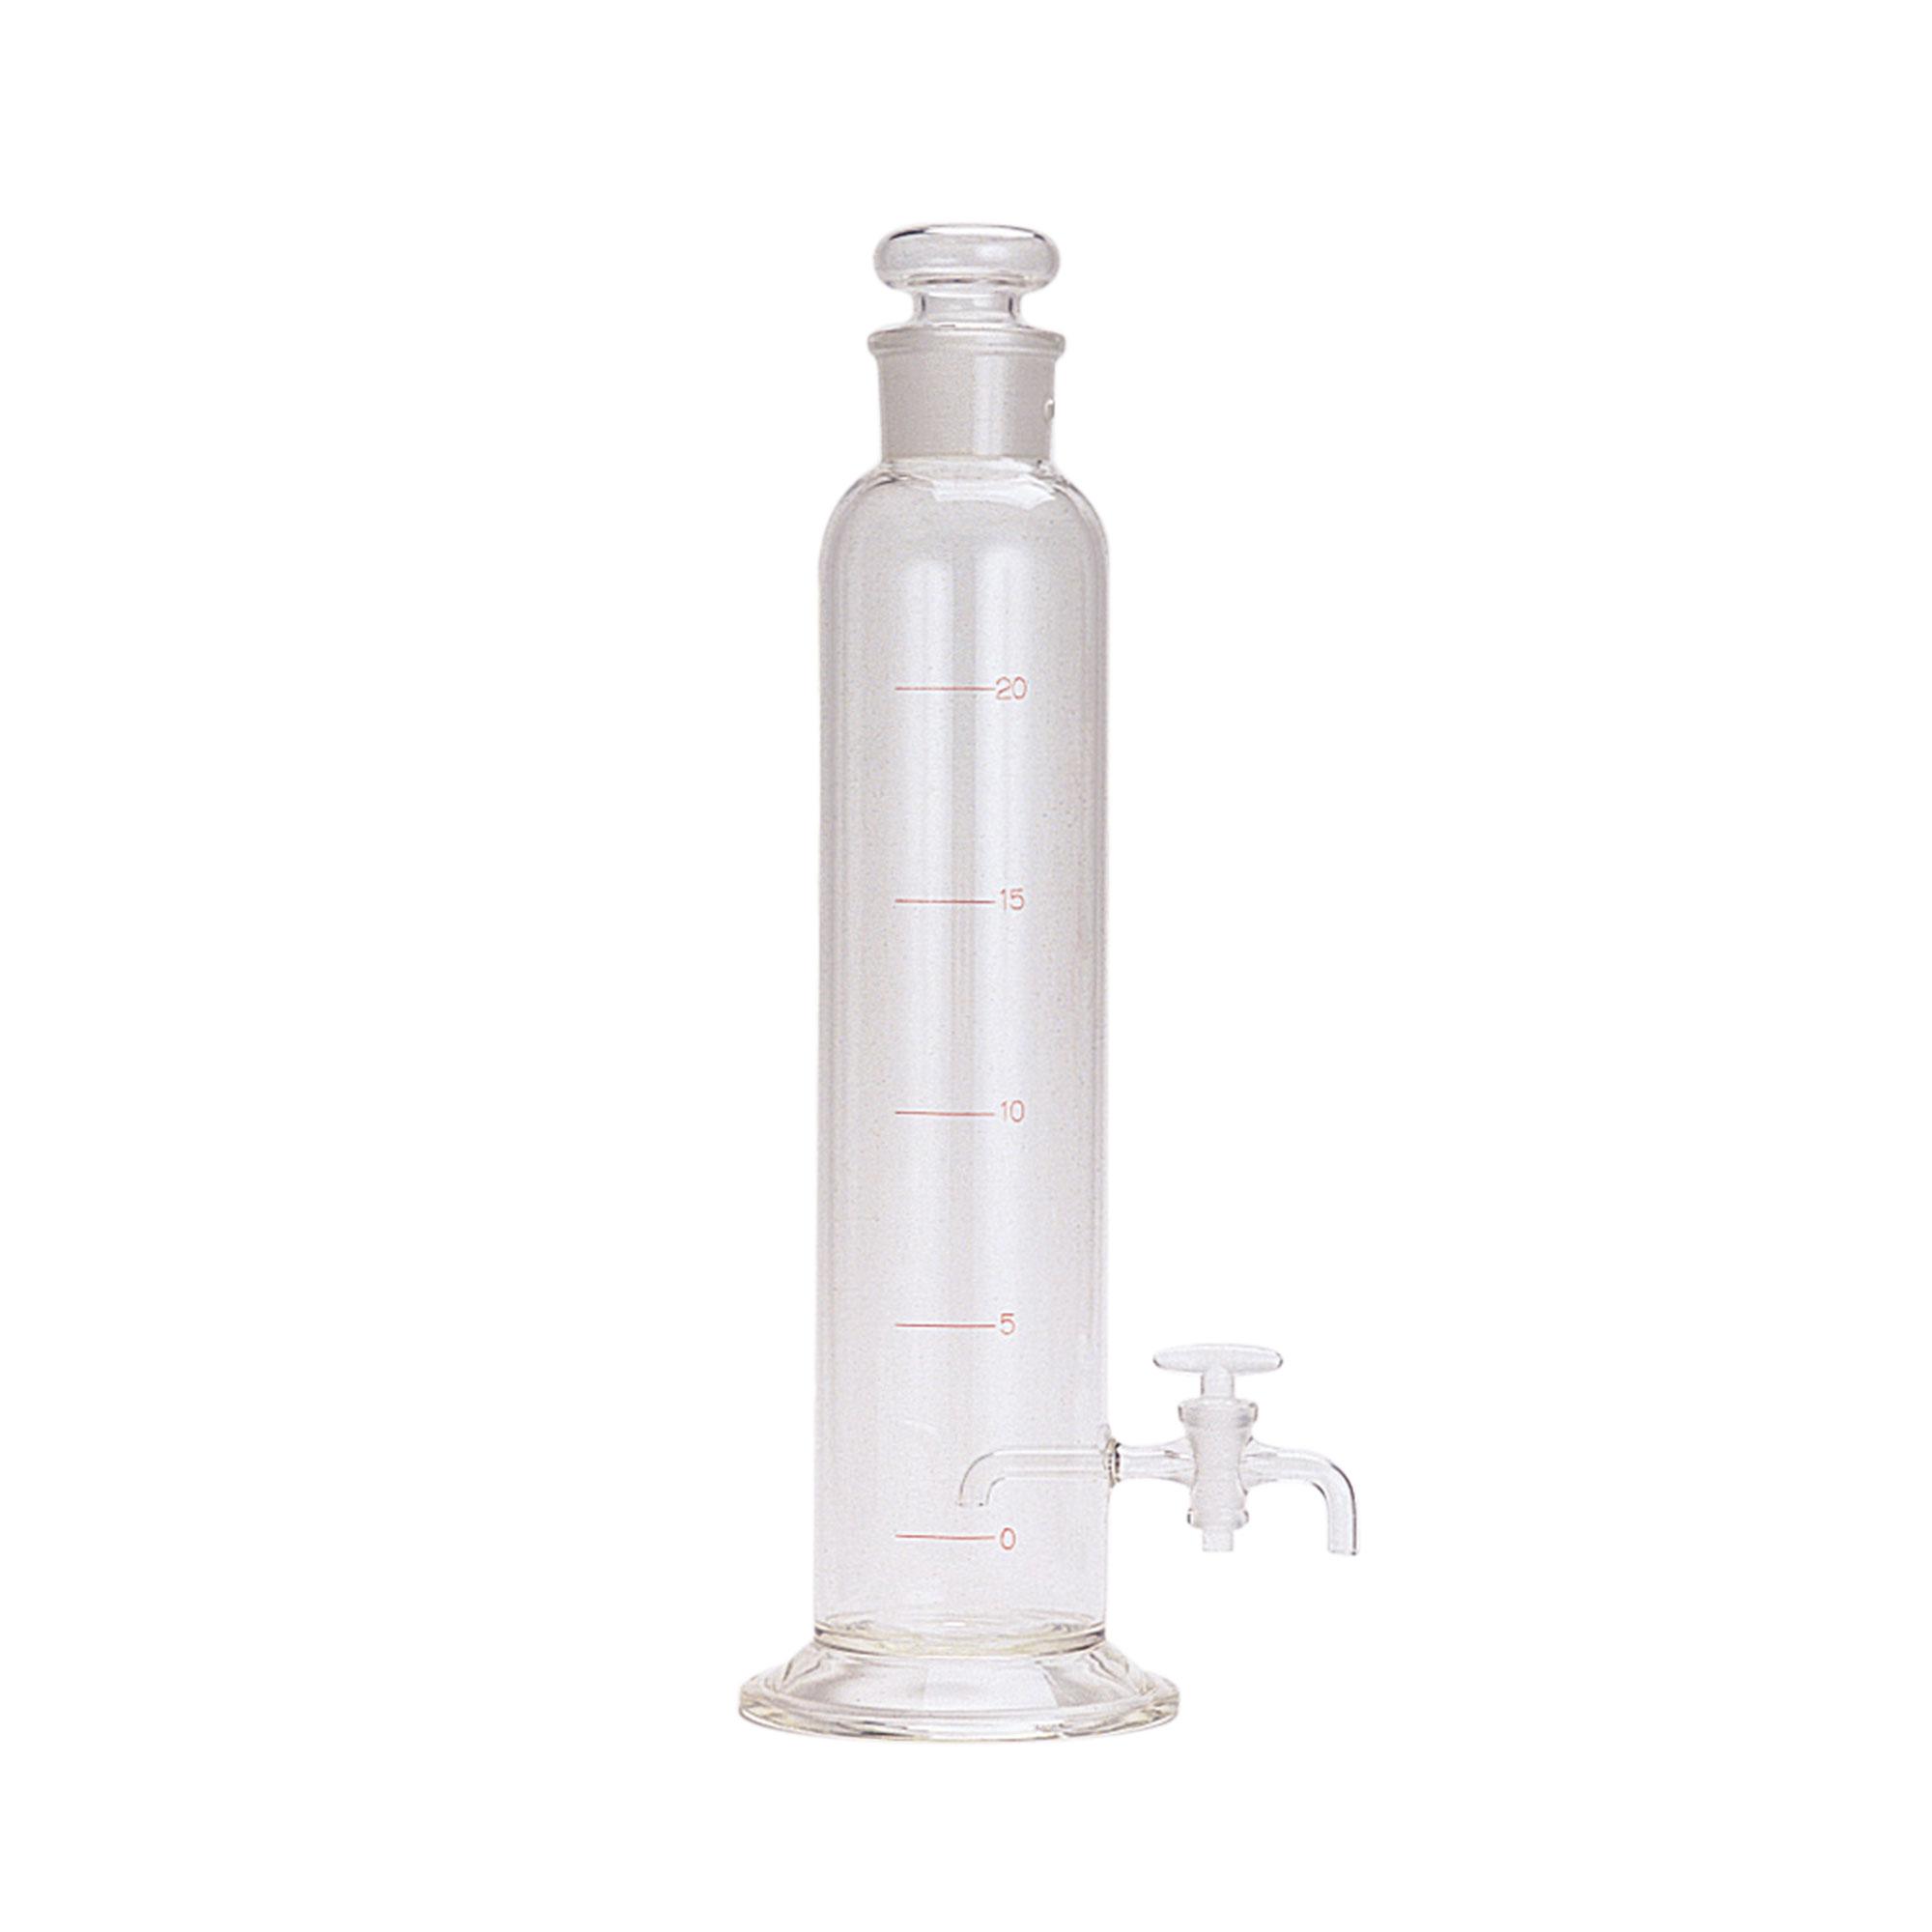 移液型液层沈降试验机(大型)、(小型)|柴田科技有限公司-环境检测设备、科学仪器的制造销售